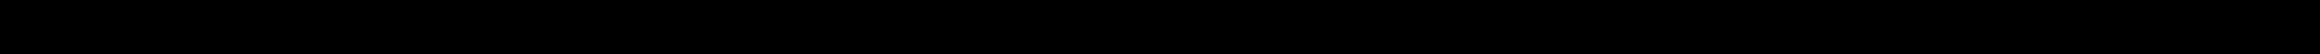 DENSO 98069-58719, 98069-59717, 98069-597-26, 98069-597-2603, ZH98000-5000 Tændrør